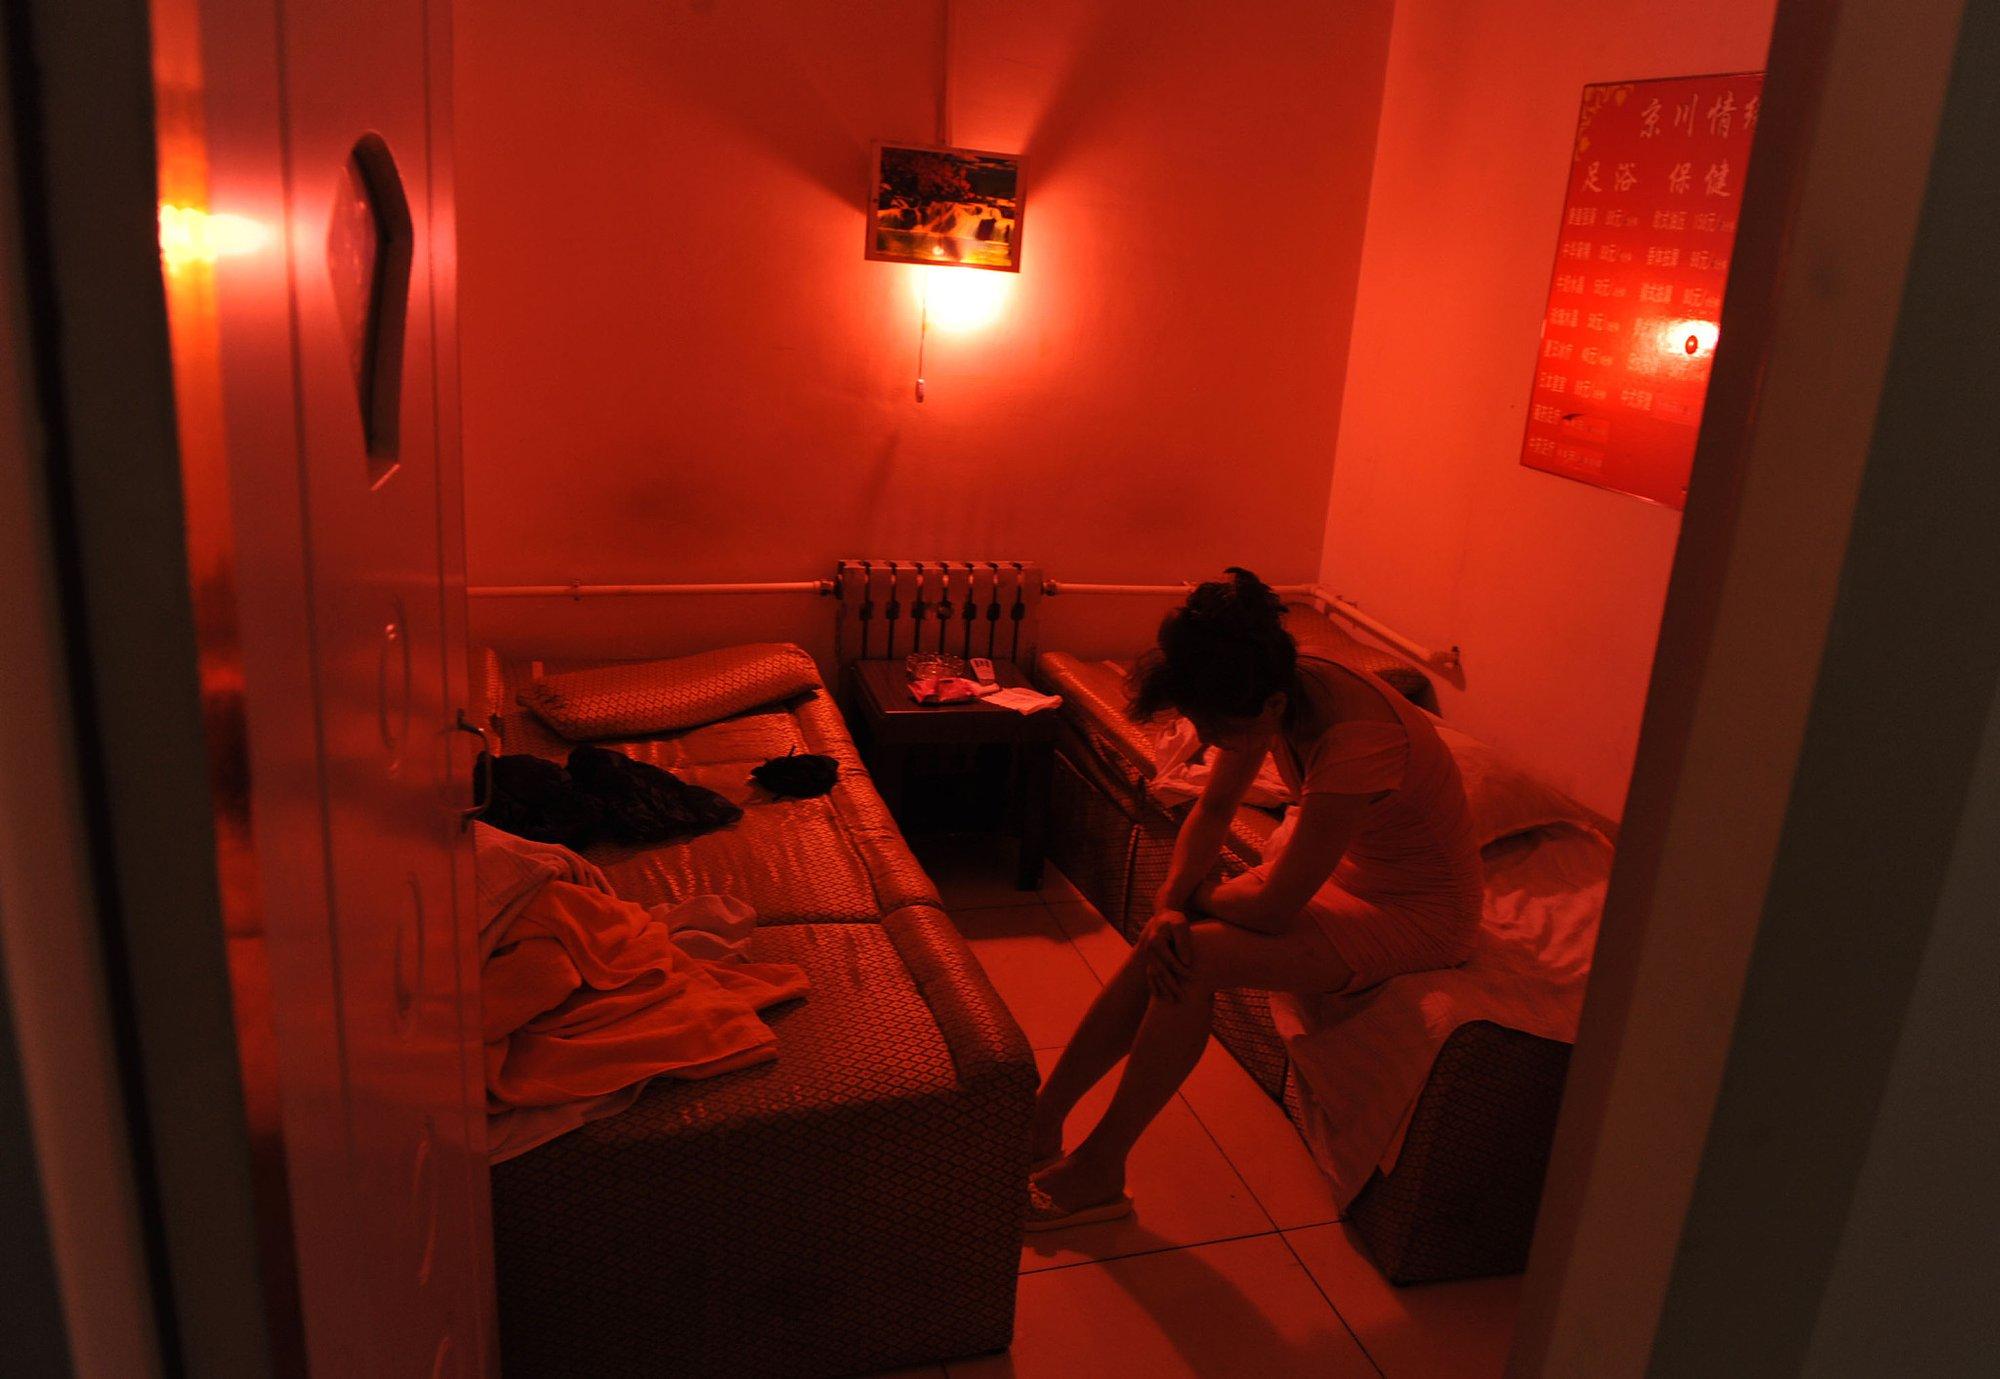 一名小姐被控制在昏暗的房间内。图片与文章人物无关。图片来源/视觉中国